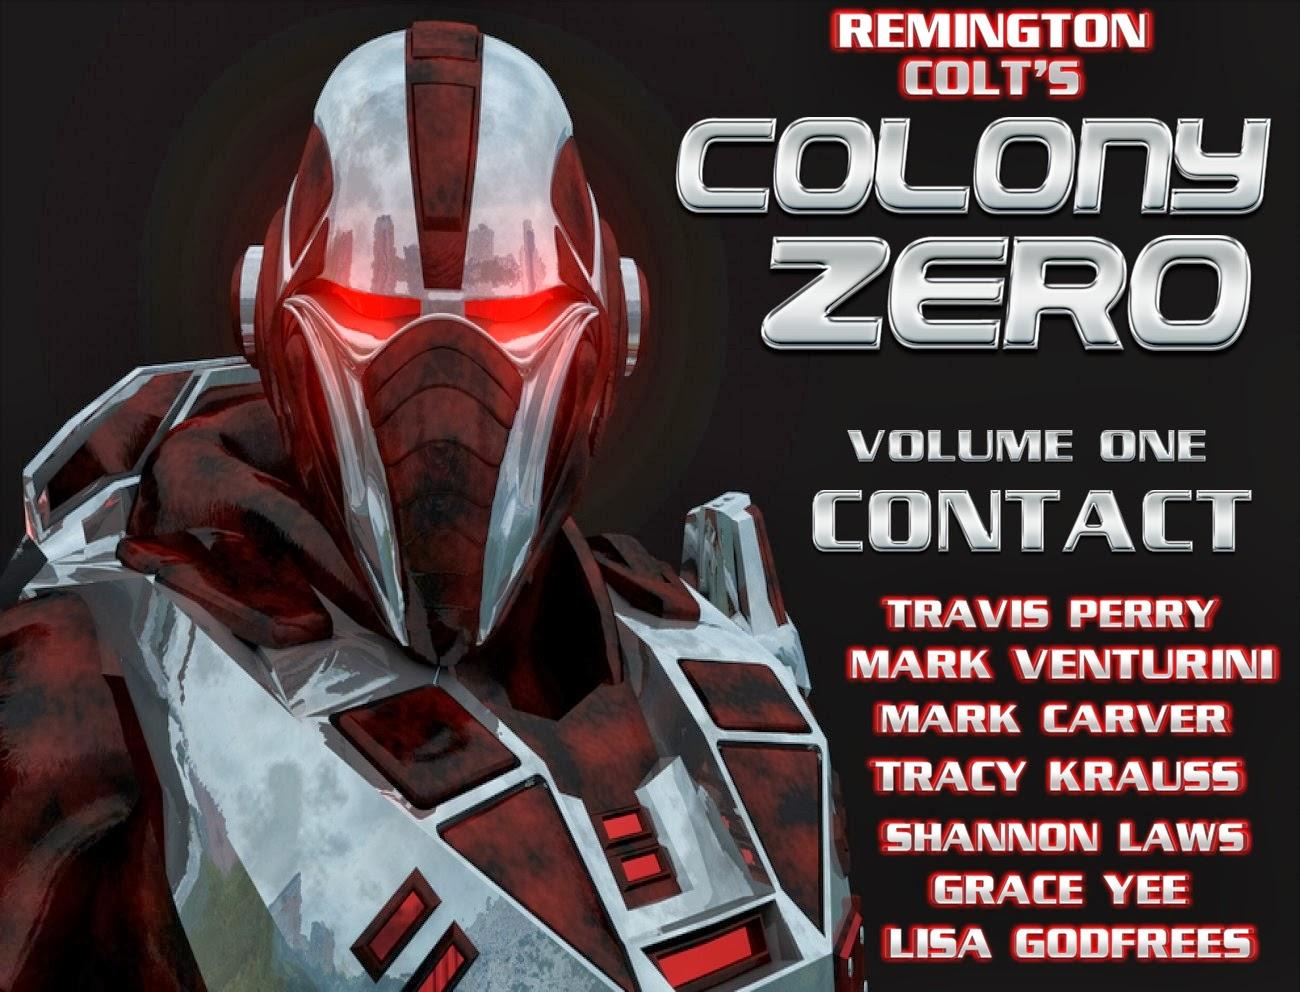 Colony Zero